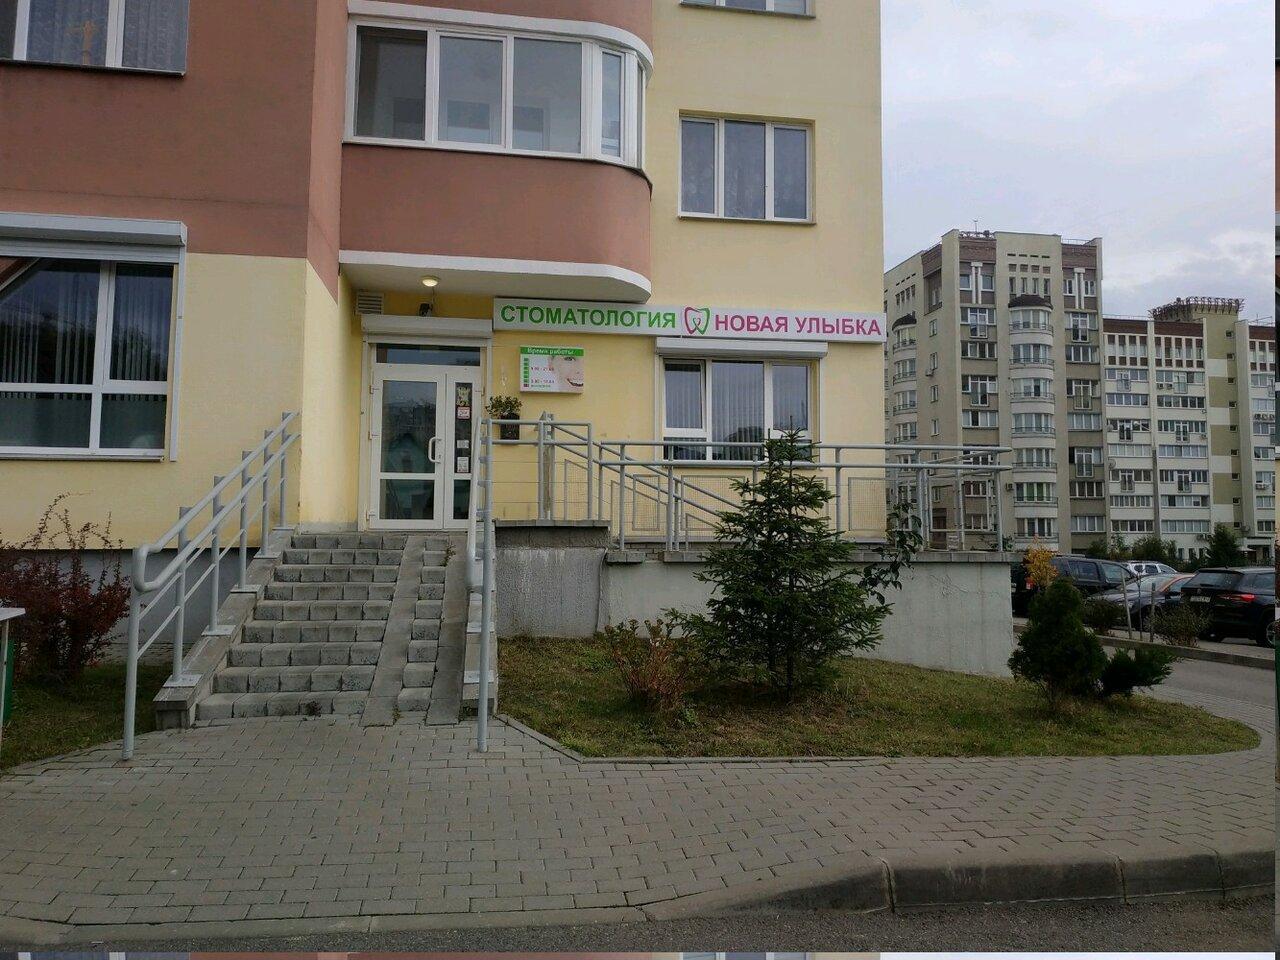 Вход в клинику Новая улыбка в Минске